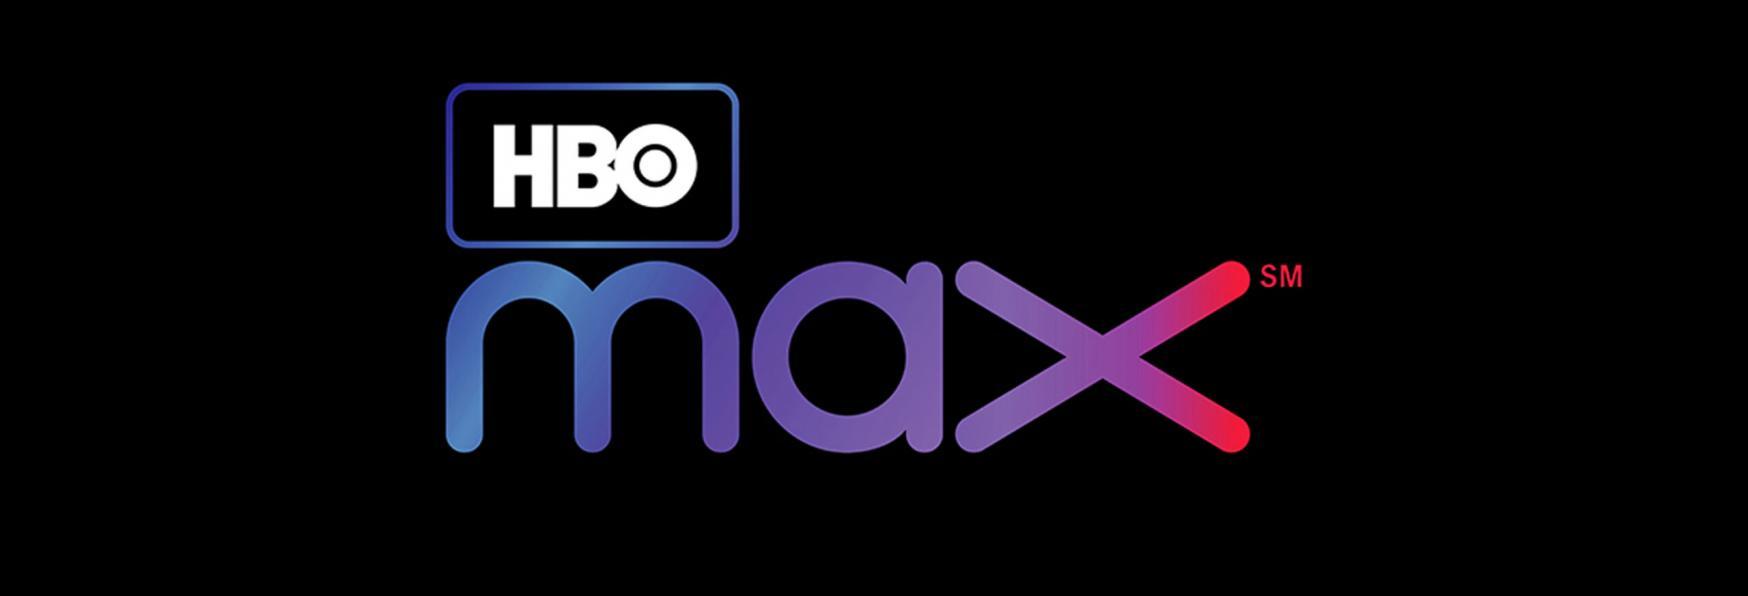 HBO Max arriva in Europa. Ecco le Date e le Nazioni Interessate